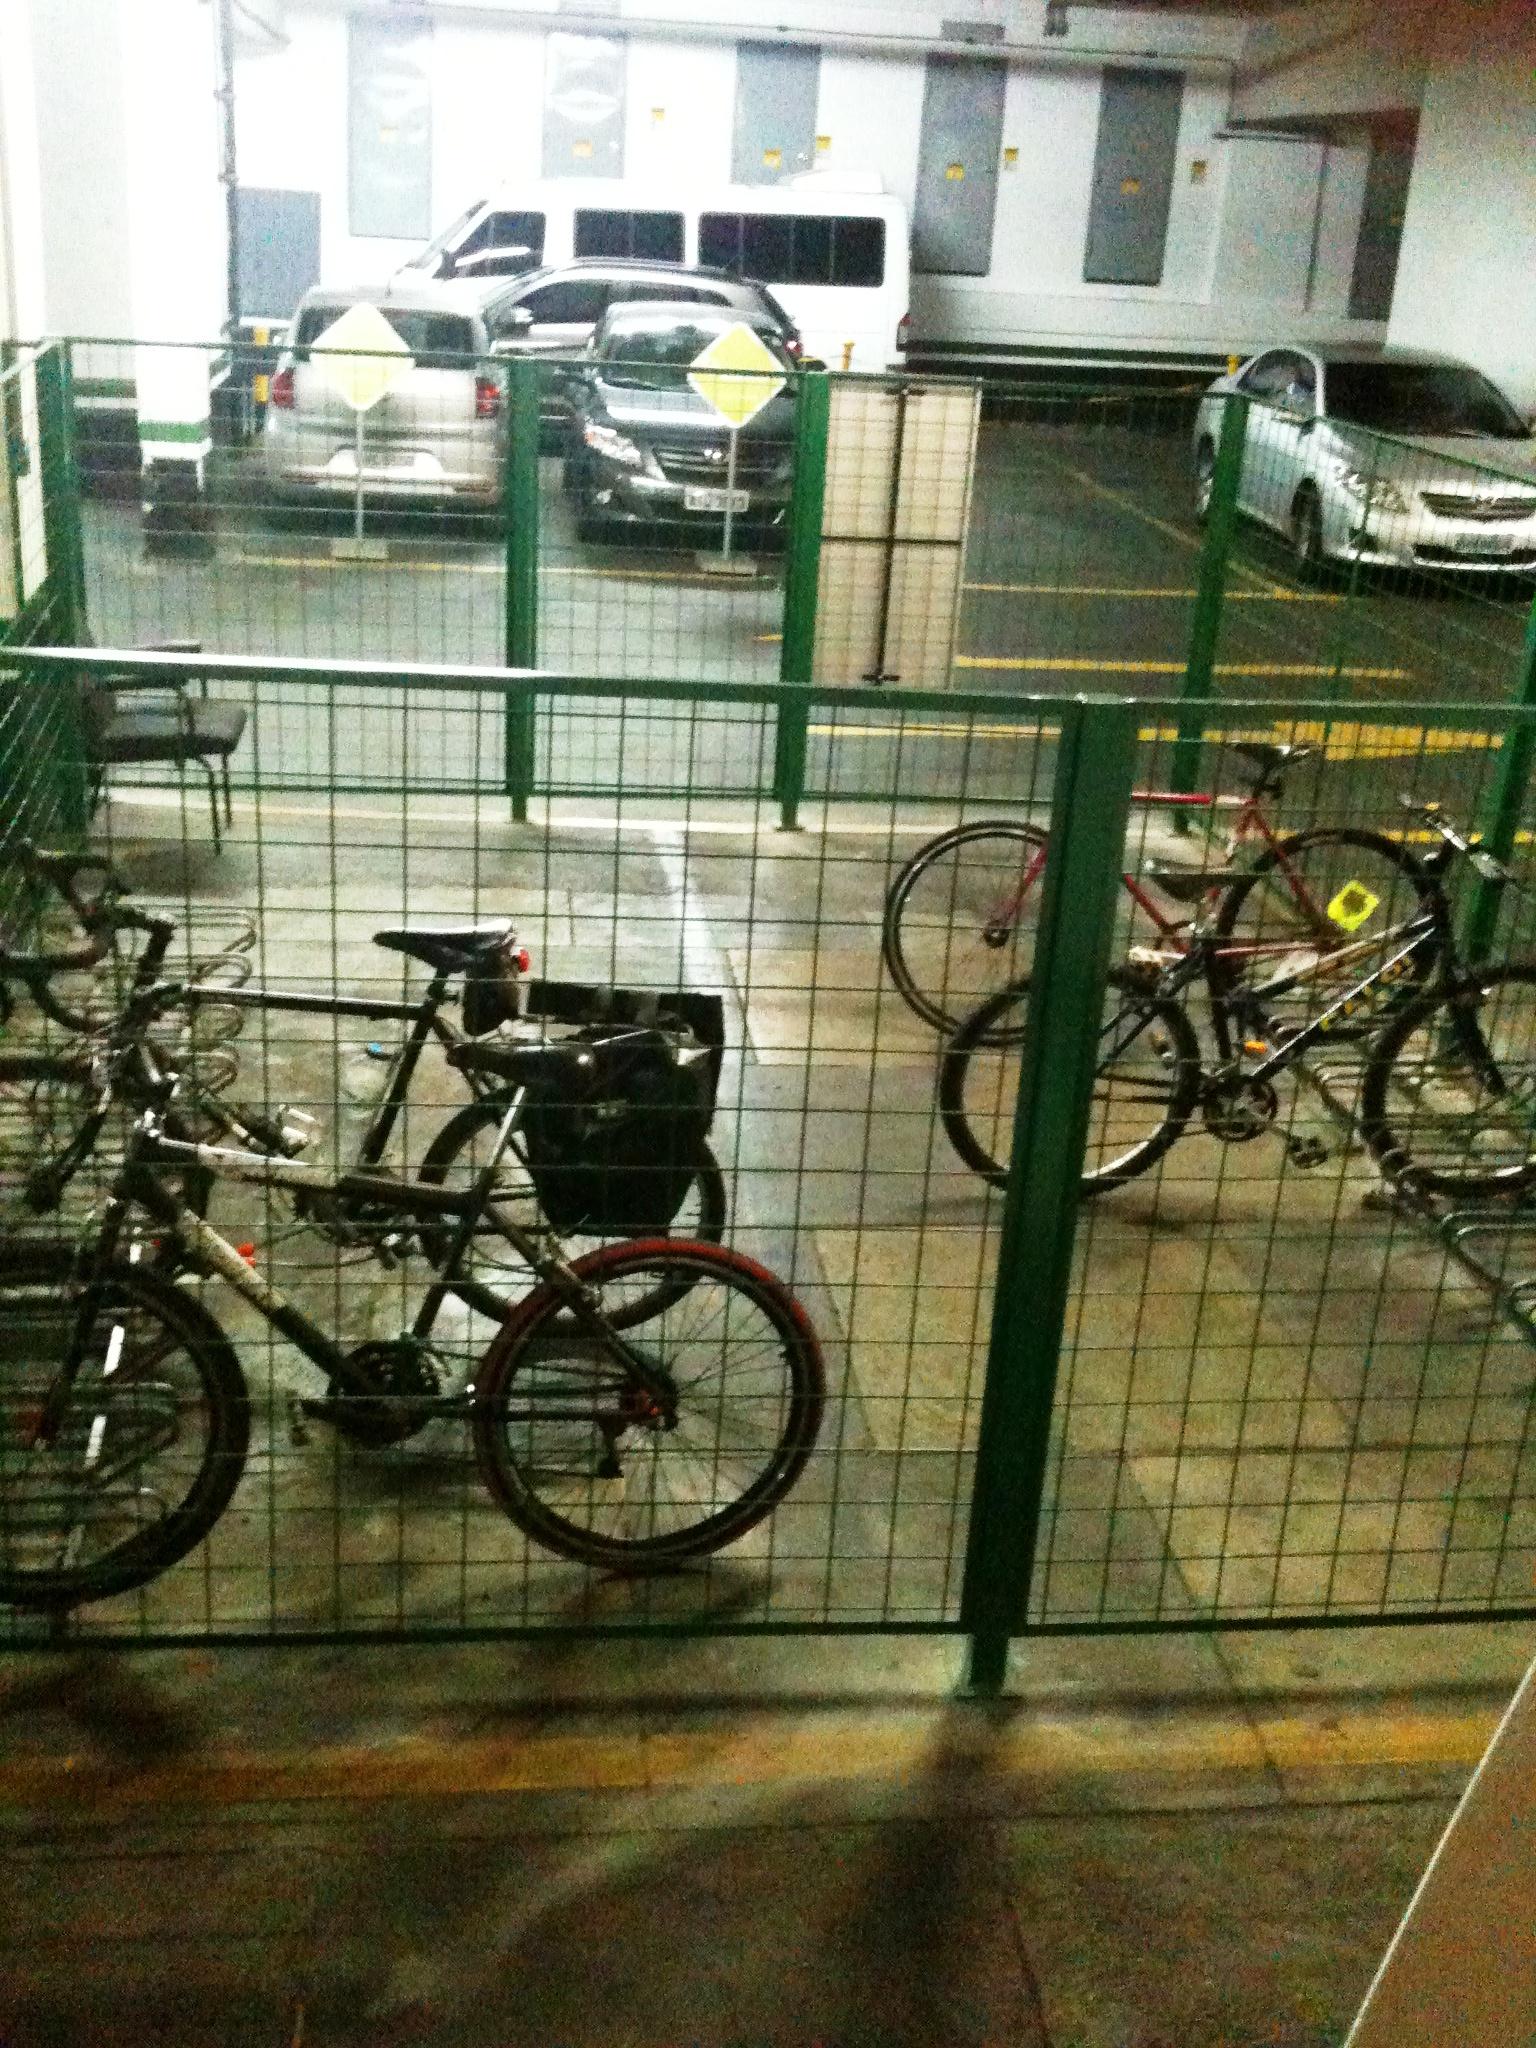 Obrigatoriedade de estacionamento para bicicletas em edifícios é aprovada  - Bruno Pessuti